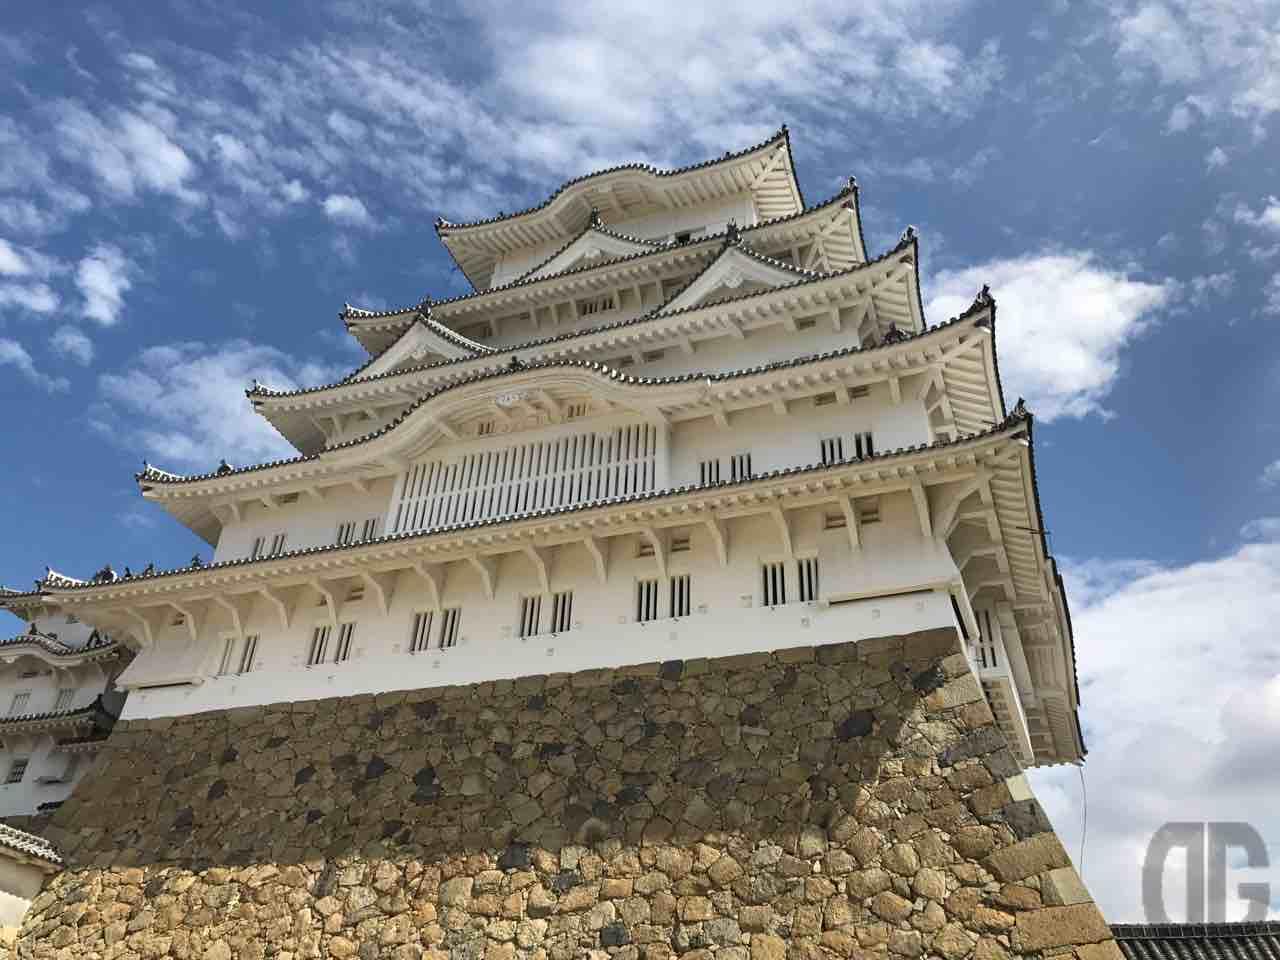 真夏の暑い中、姫路城に行ってきました。やっぱり私の城ランキングぶっちぎりの1位!